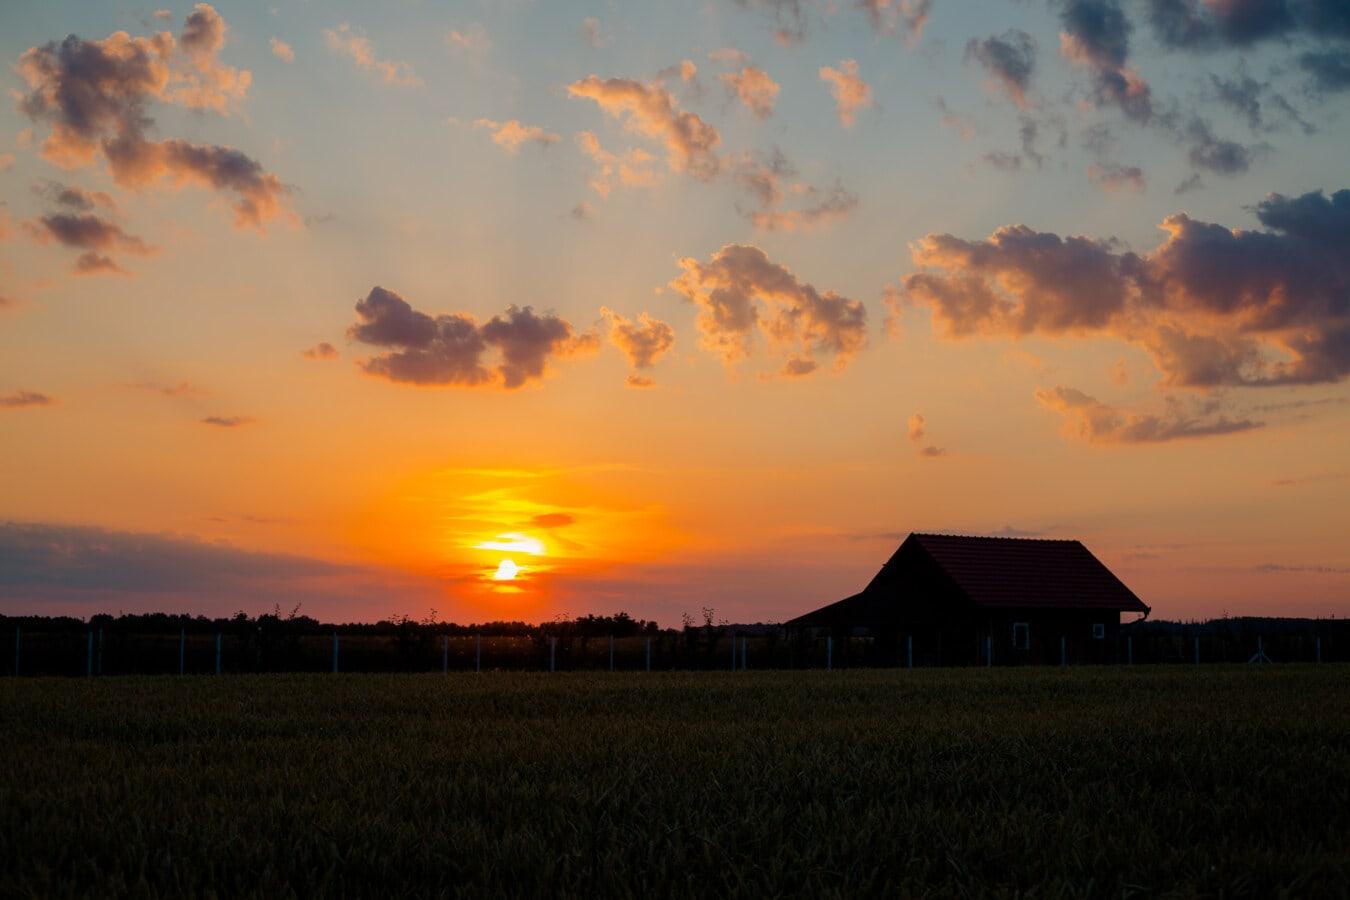 rayos de sol, salida del sol, tierras de cultivo, granja, casa de campo, agricultura, agricultura, sol, estructura, construcción